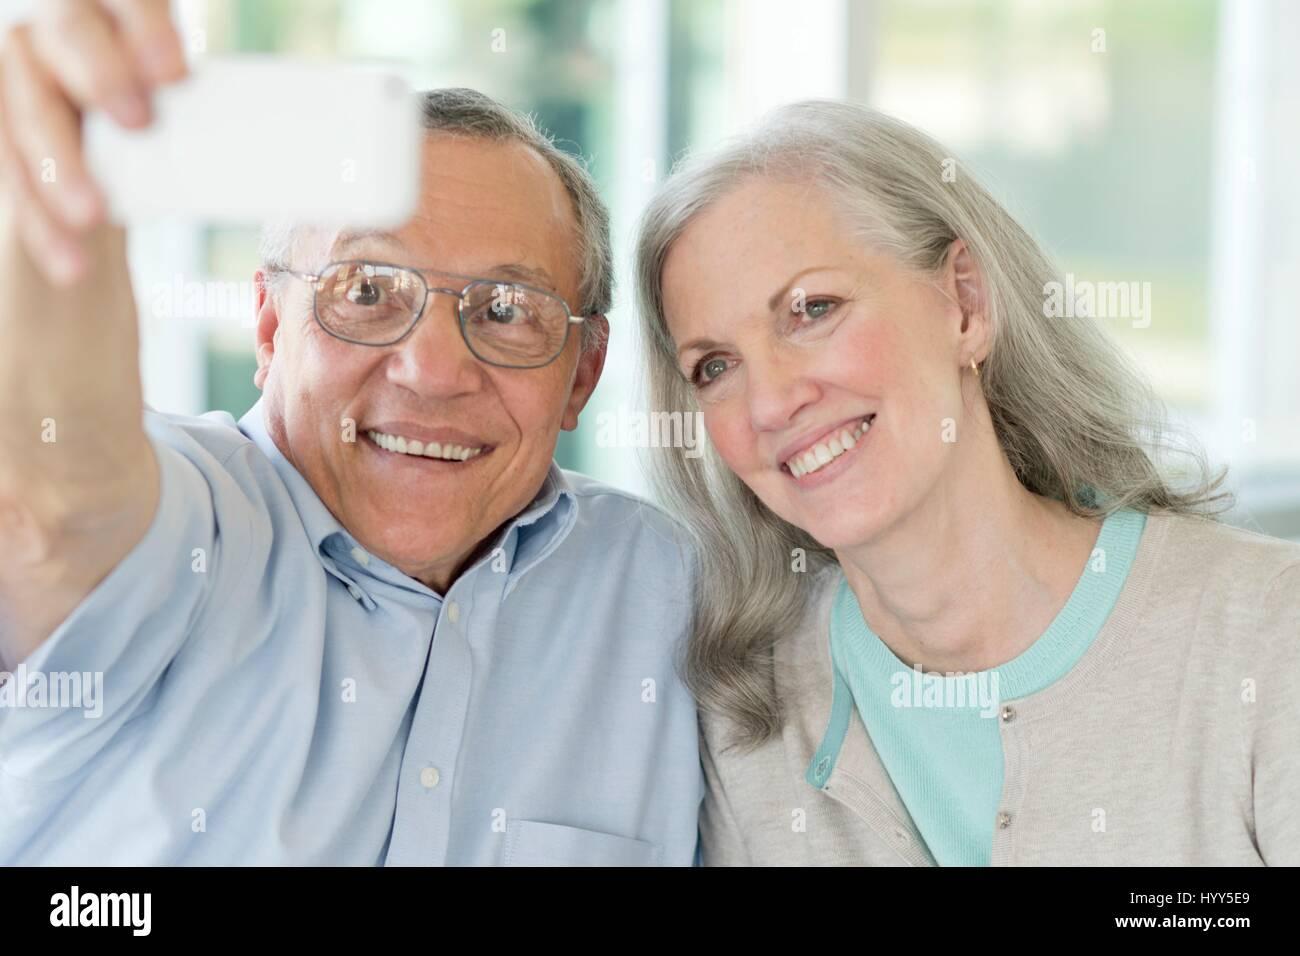 Porträt von älteres paar nehmen Selfie auf Handy. Stockbild